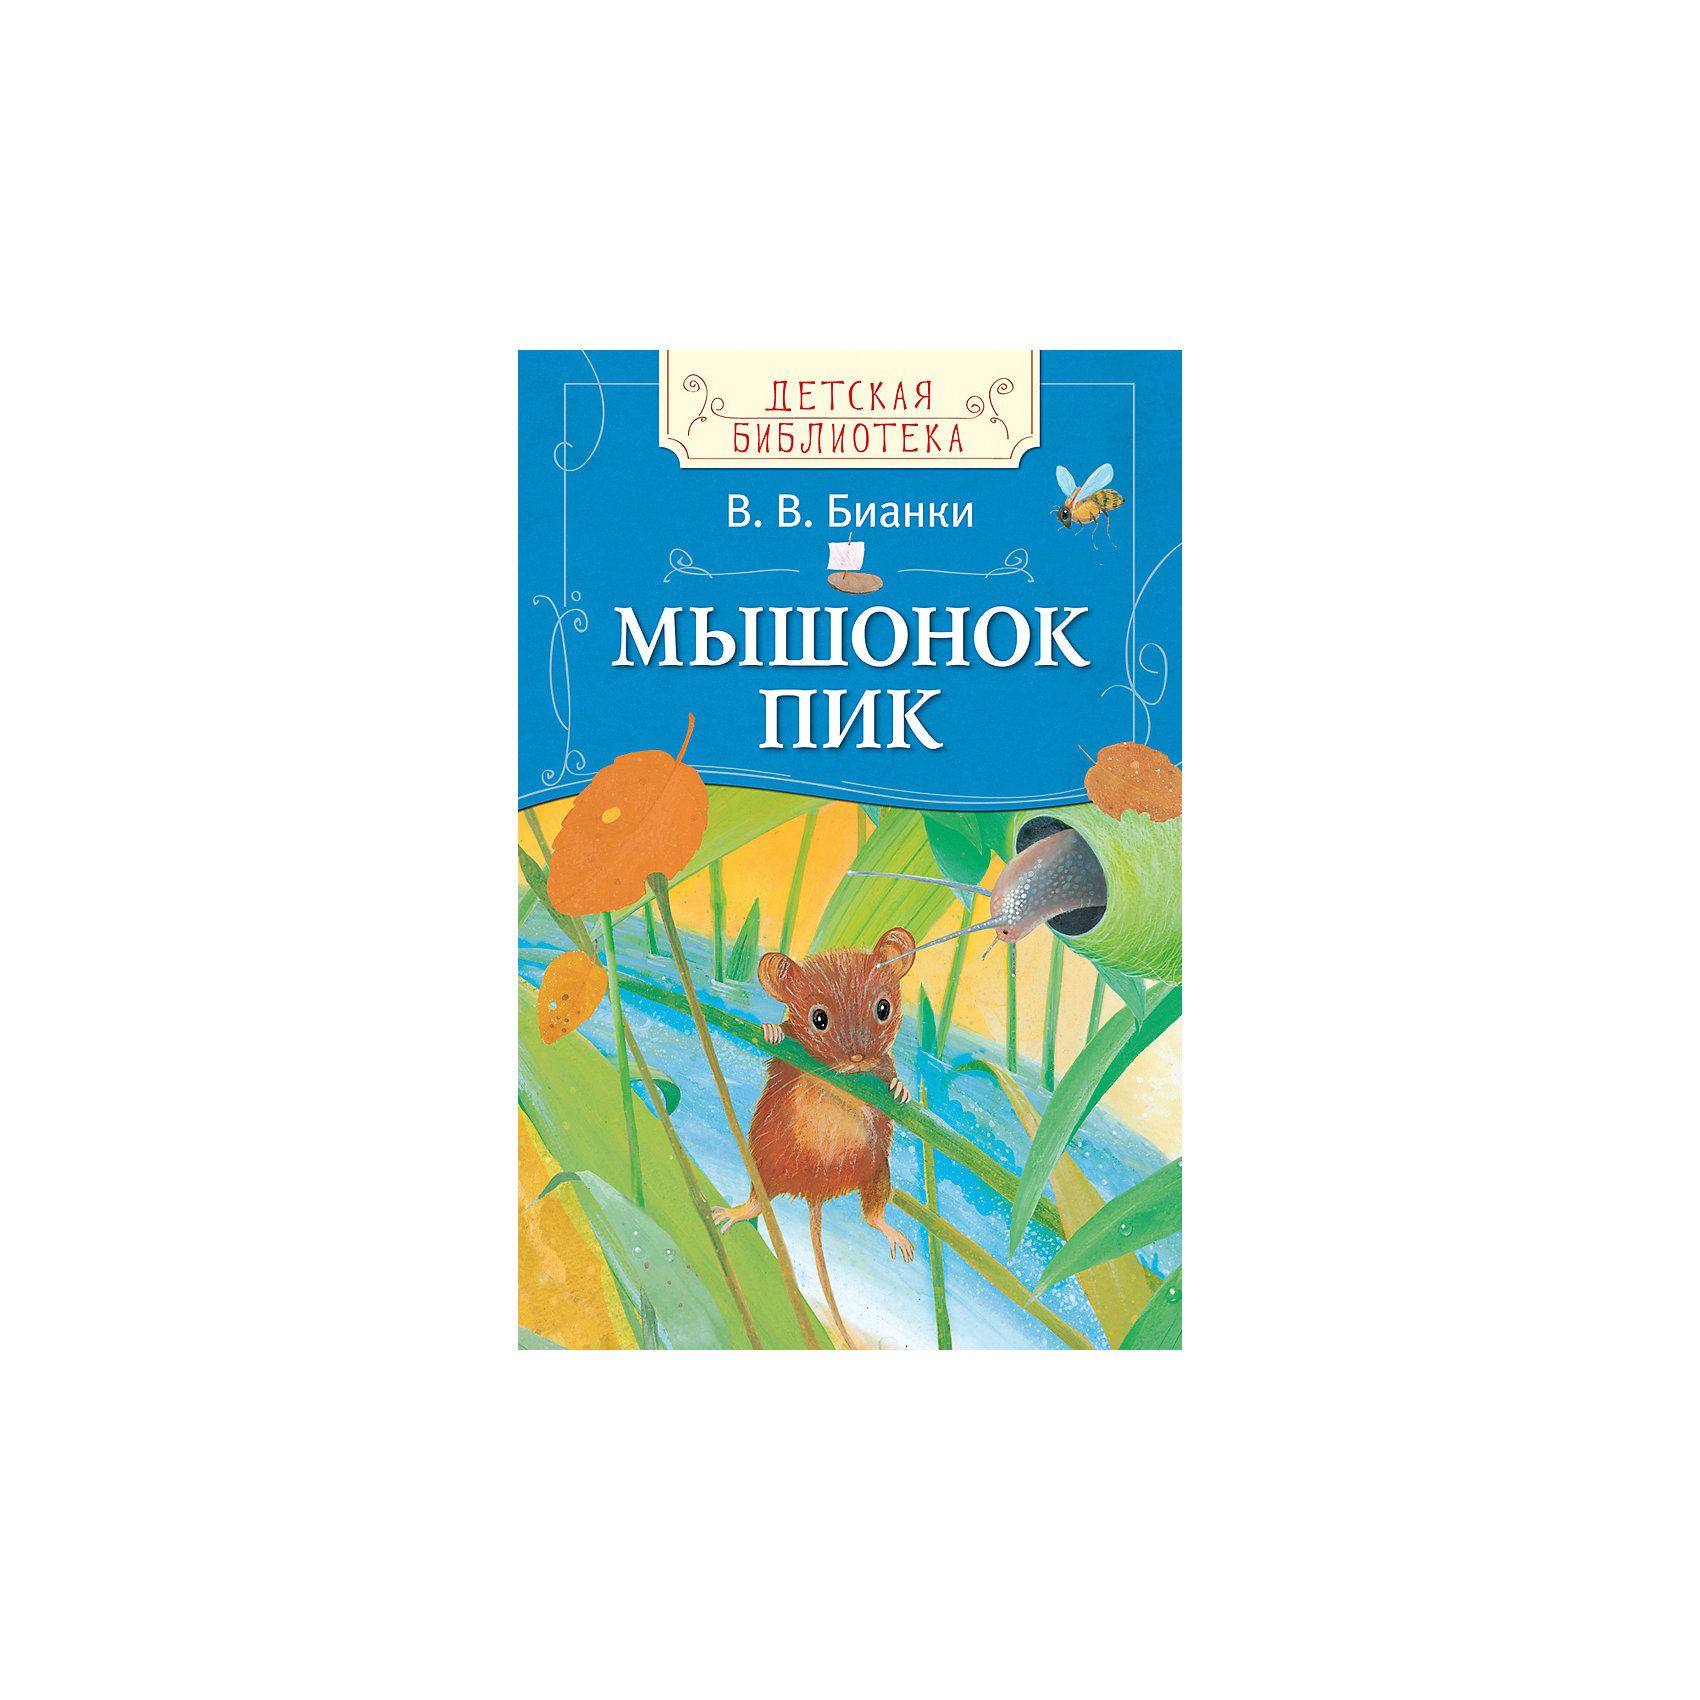 Мышонок Пик, В. БианкиХарактеристики товара:<br><br>- цвет: разноцветный;<br>- материал: бумага;<br>- страниц: 48;<br>- обложка: твердая;<br>- иллюстрации.<br><br>Эта интересная книга с иллюстрациями станет отличным подарком для ребенка. Она содержит в себе поучительные и захватывающие приключения, эту книгу любит не одно поколение! Талантливый иллюстратор дополнил книгу качественными рисунками, которые помогают ребенку проникнуться духом сказки.<br>Чтение - отличный способ активизации мышления, оно помогает ребенку развивать зрительную память, концентрацию внимания и воображение. Издание произведено из качественных материалов, которые безопасны даже для самых маленьких.<br><br>Издание Мышонок Пик, В. Бианки от компании Росмэн можно купить в нашем интернет-магазине.<br><br>Ширина мм: 222<br>Глубина мм: 144<br>Высота мм: 7<br>Вес г: 139<br>Возраст от месяцев: 36<br>Возраст до месяцев: 72<br>Пол: Унисекс<br>Возраст: Детский<br>SKU: 5109893